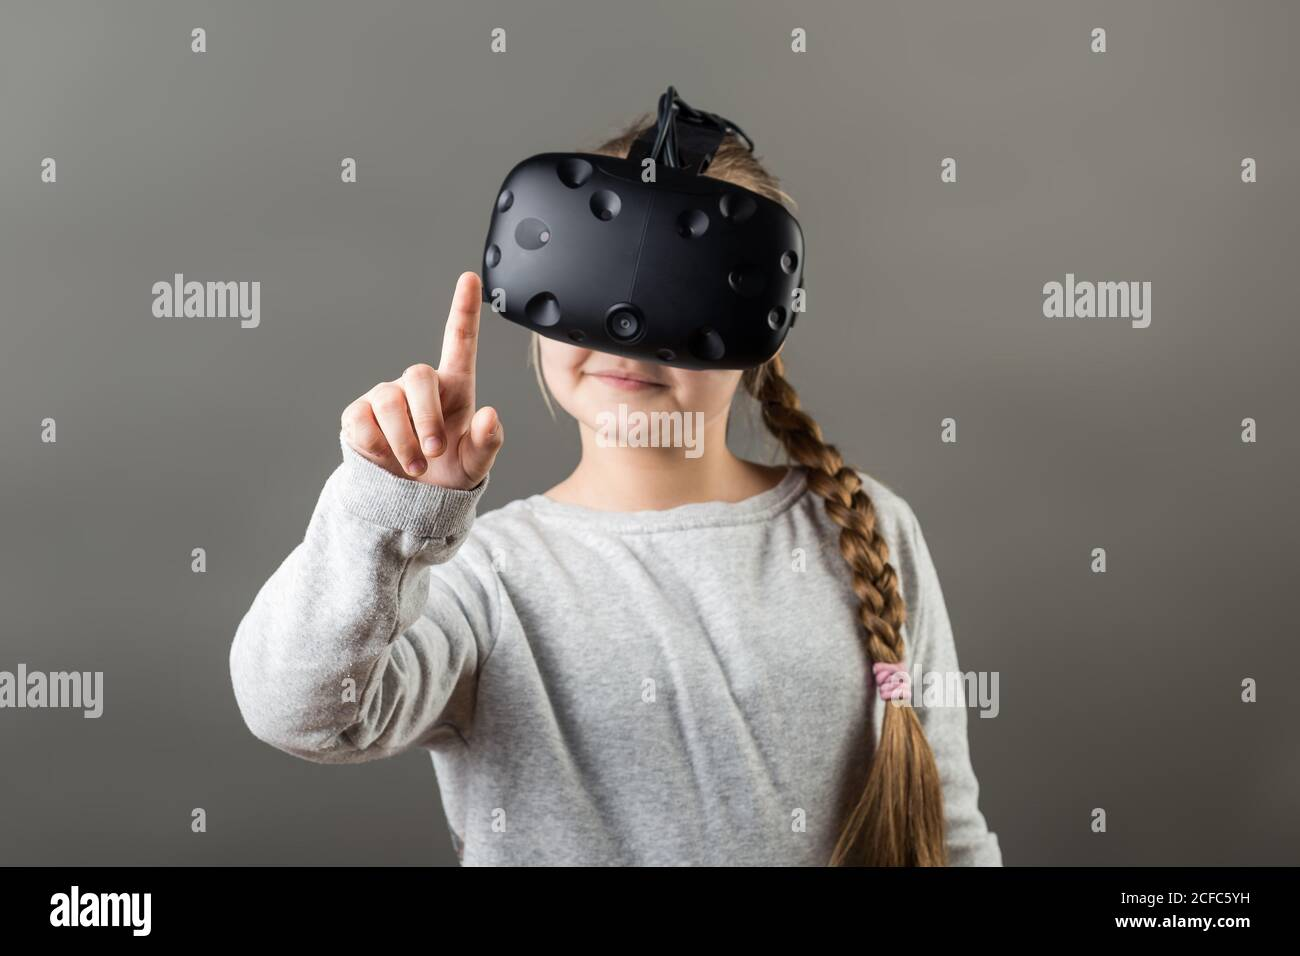 Une fille s'y porte avec un appareil VR et touche le doigt air Banque D'Images